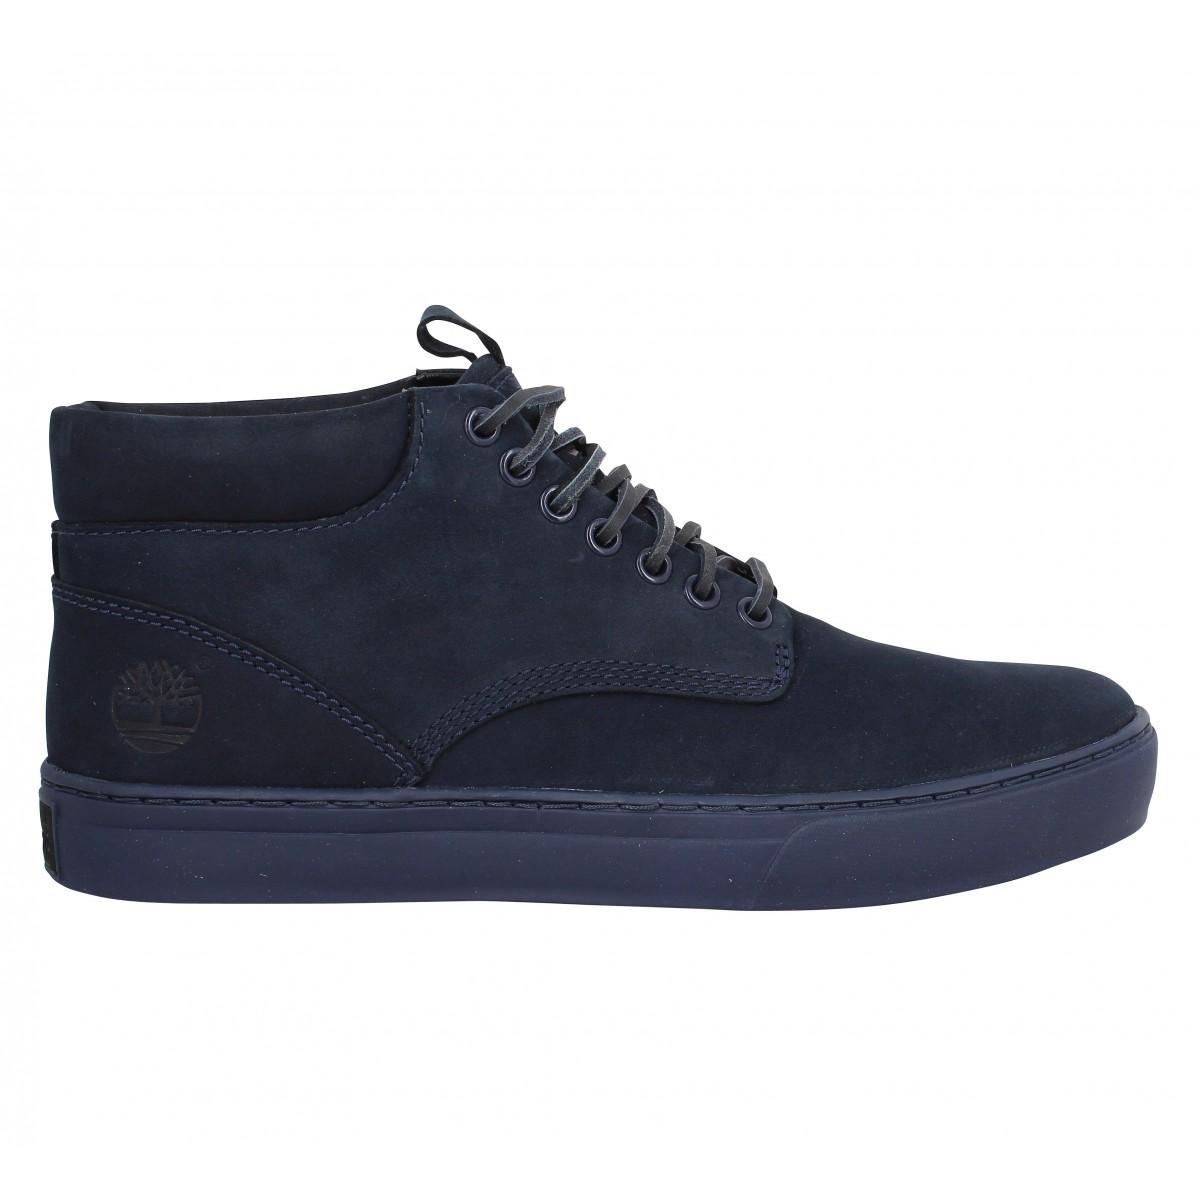 Chaussures Timberland Adventure bleues homme Mocassins Garçon v8kG0 ... a46b3ed6bd4